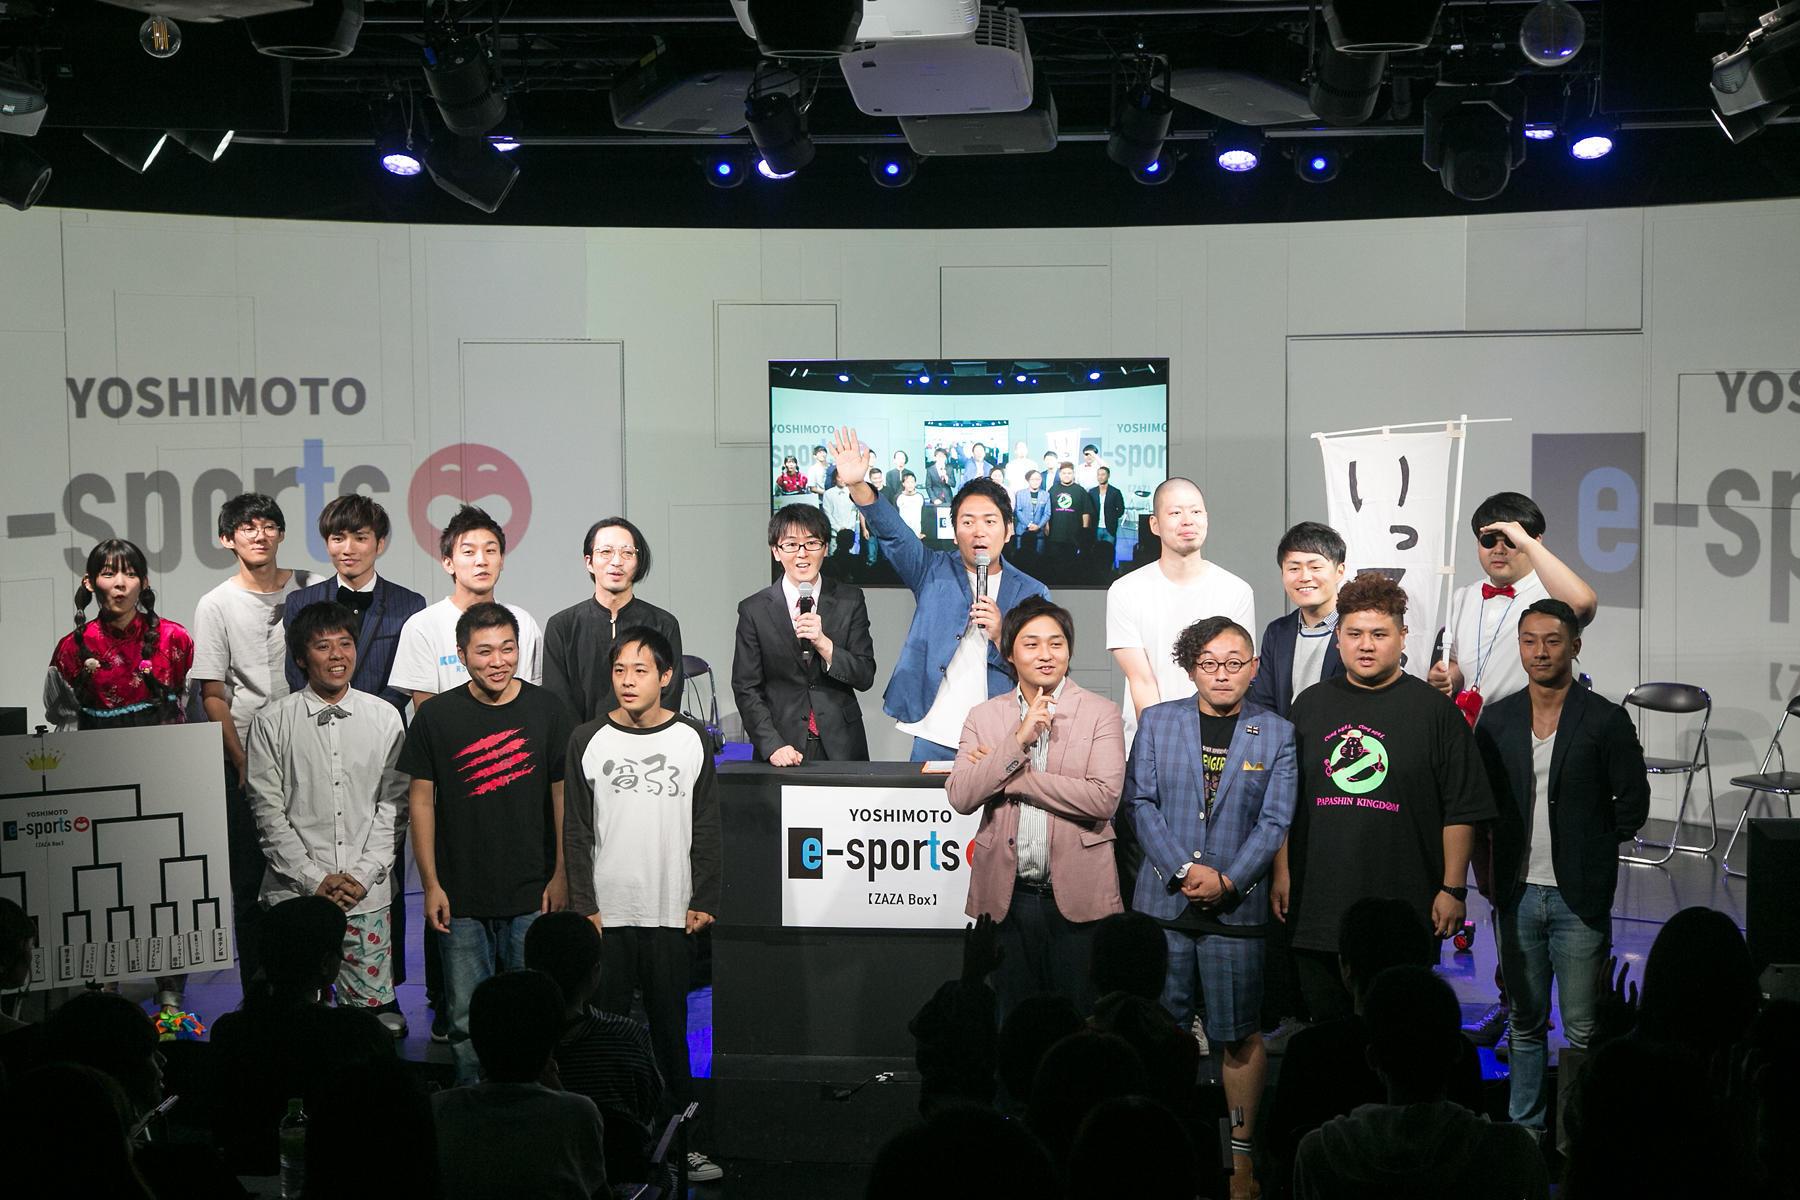 http://news.yoshimoto.co.jp/20181002140745-fe0c75d520a5936ca8e7817a4afbb8326e4aacdf.jpg